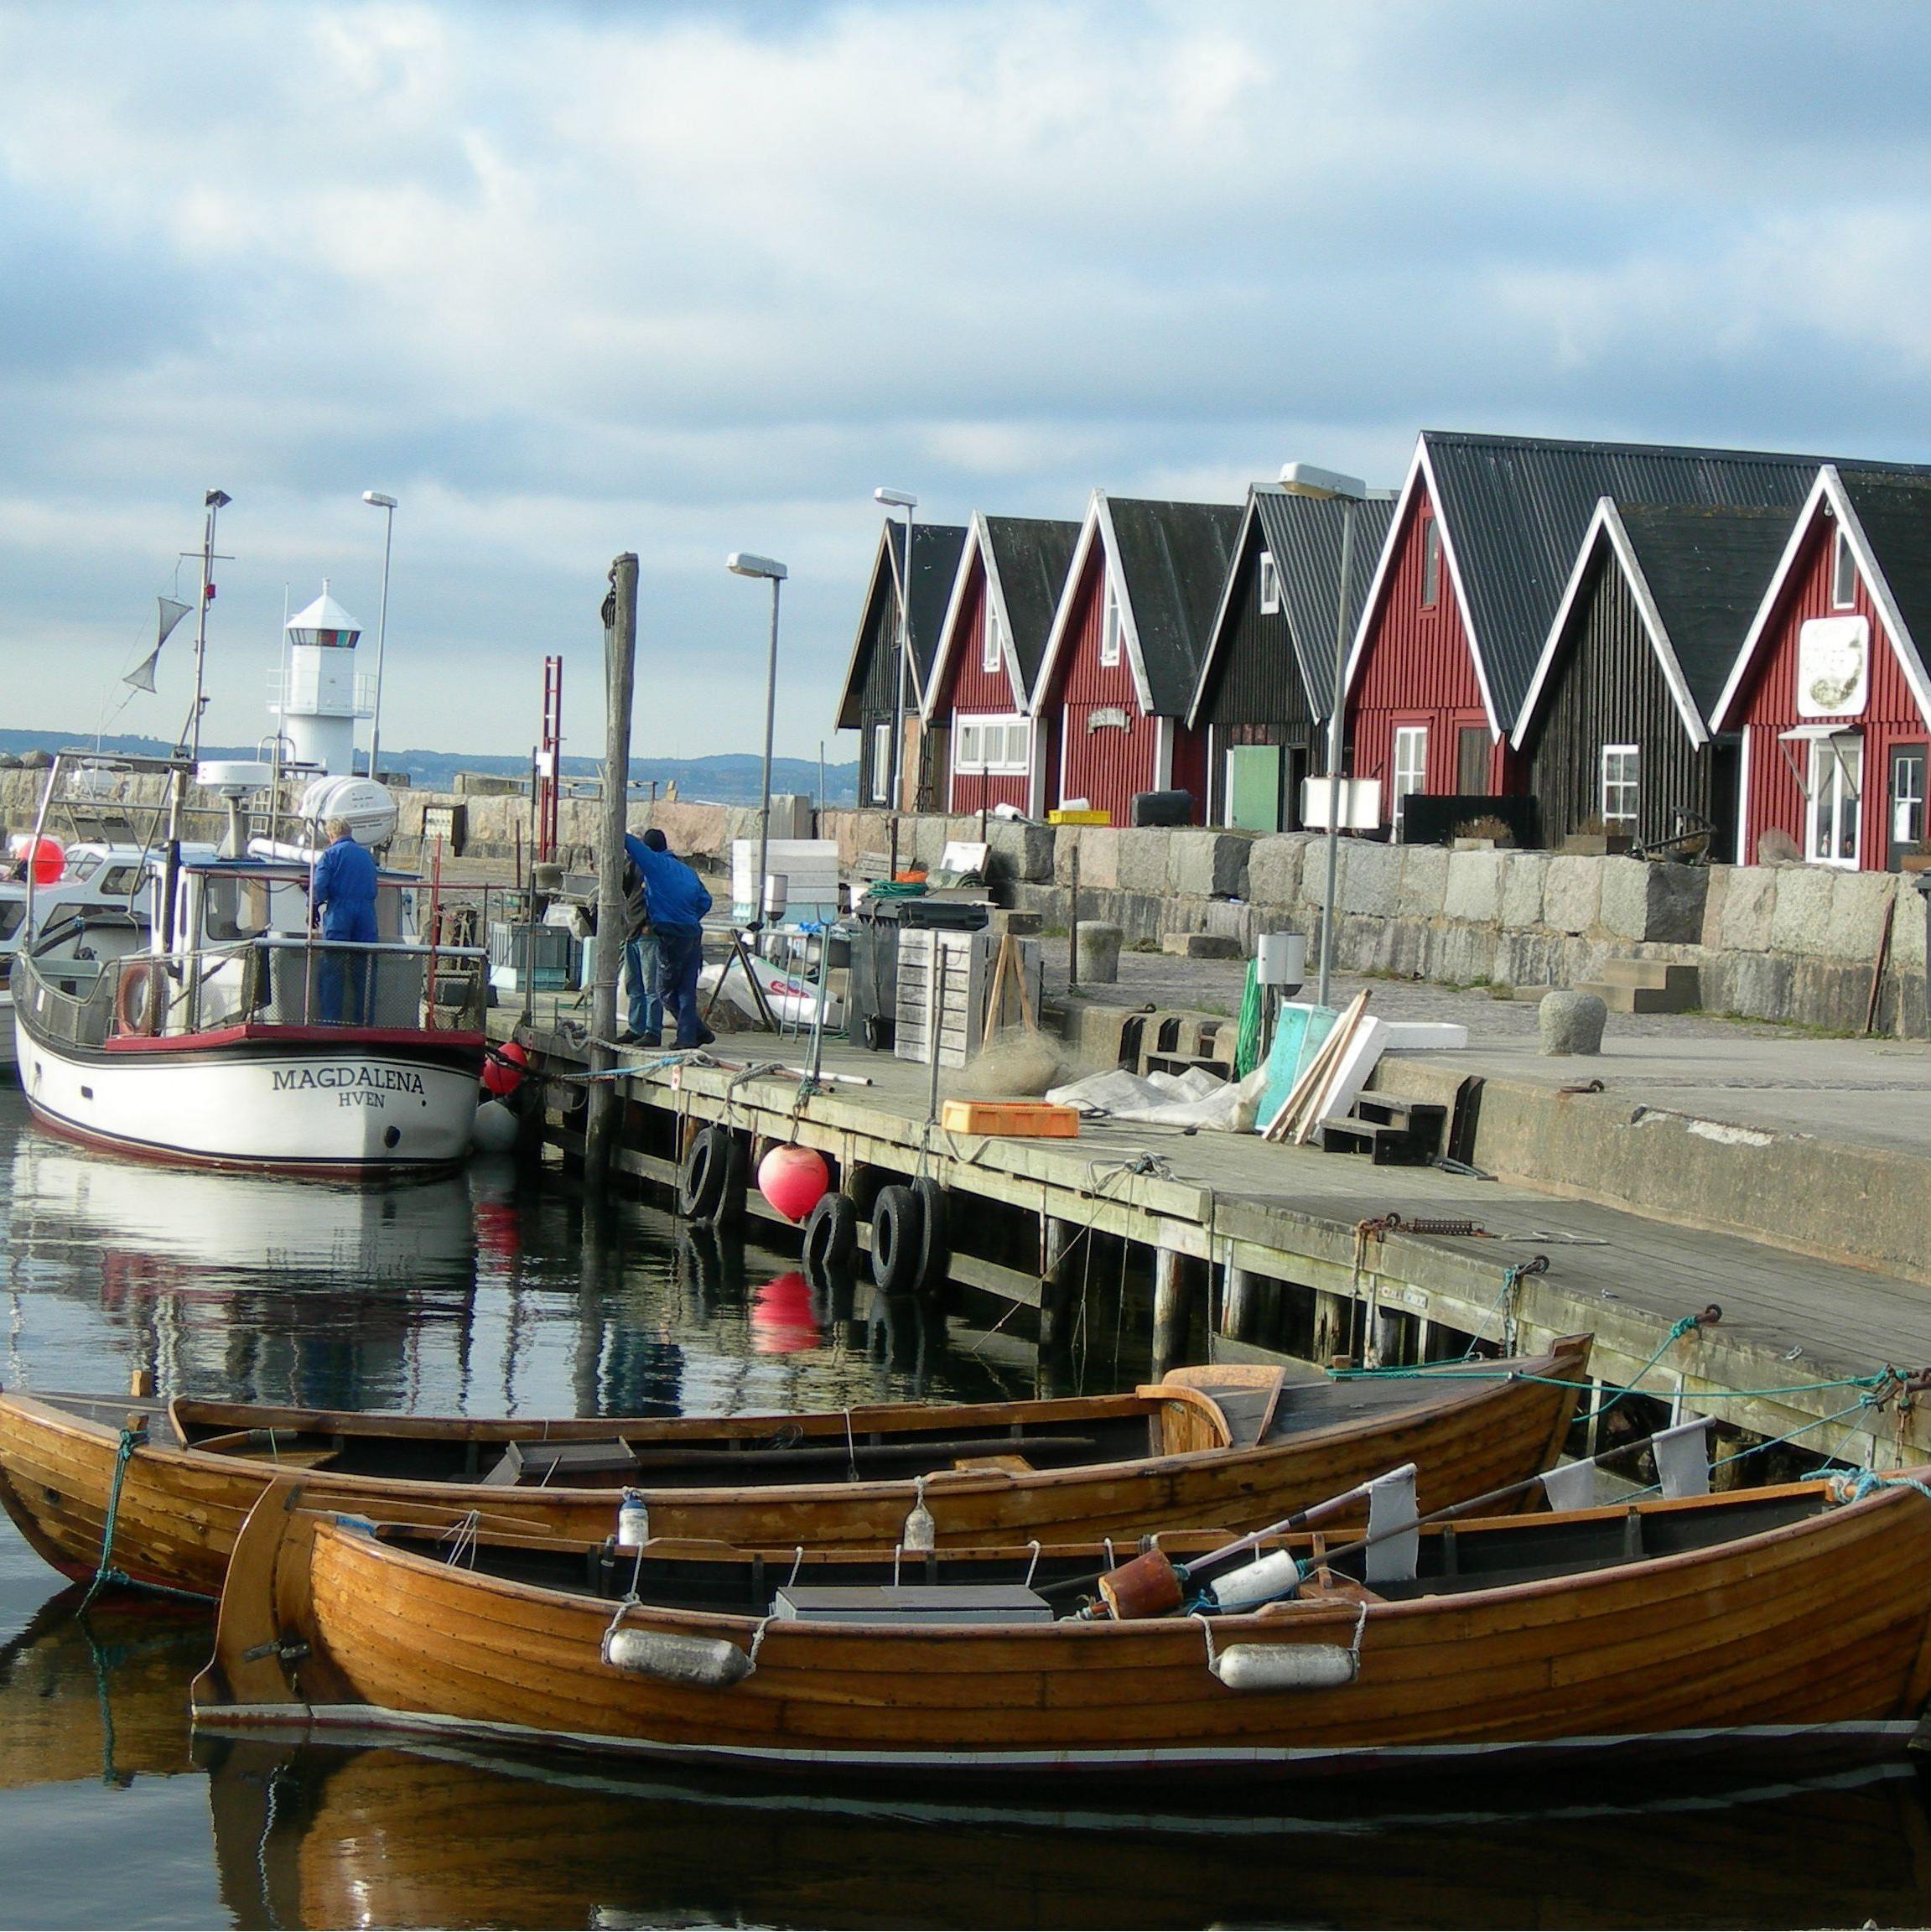 Foto: Turistbyrån Landskrona - Ven, Kyrkbackens hamn